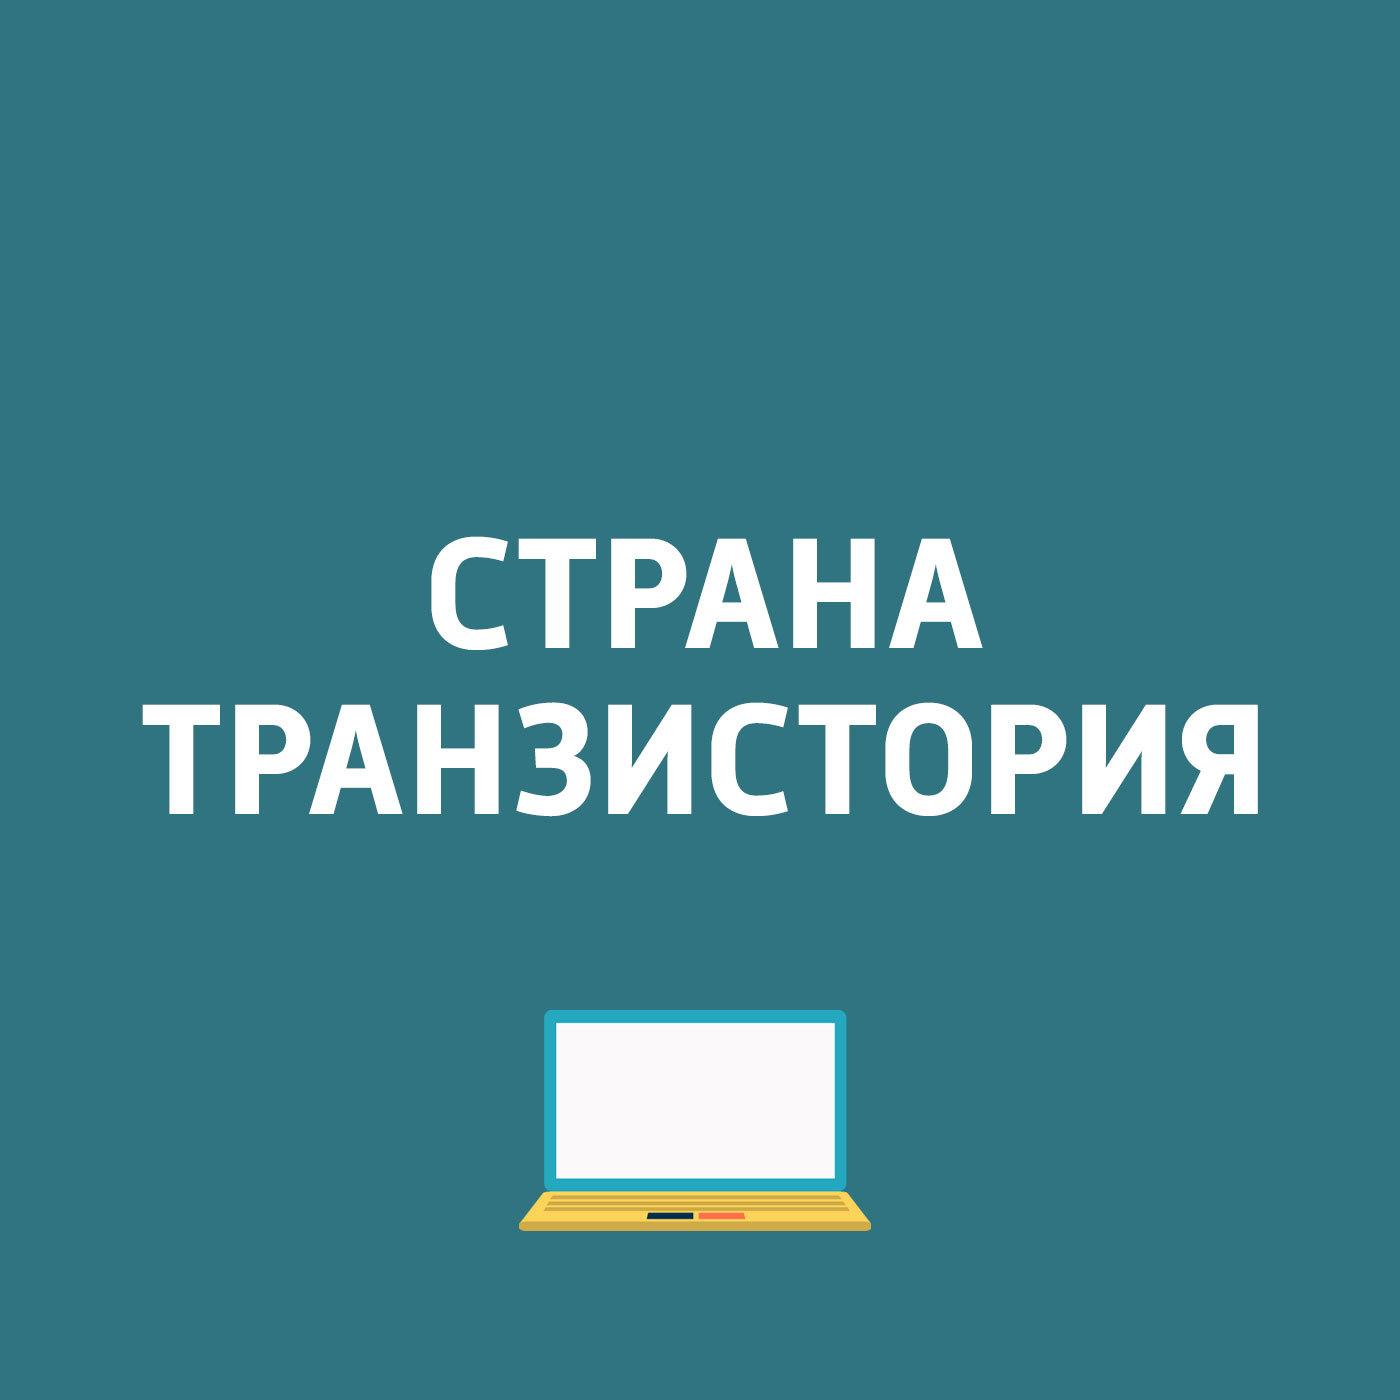 Картаев Павел Обновление iOS, исправляющее «ошибку телугу; Начало продаж в России компьютера Predator Orion 9000; Мобильная версия Windows картаев павел средиземное море